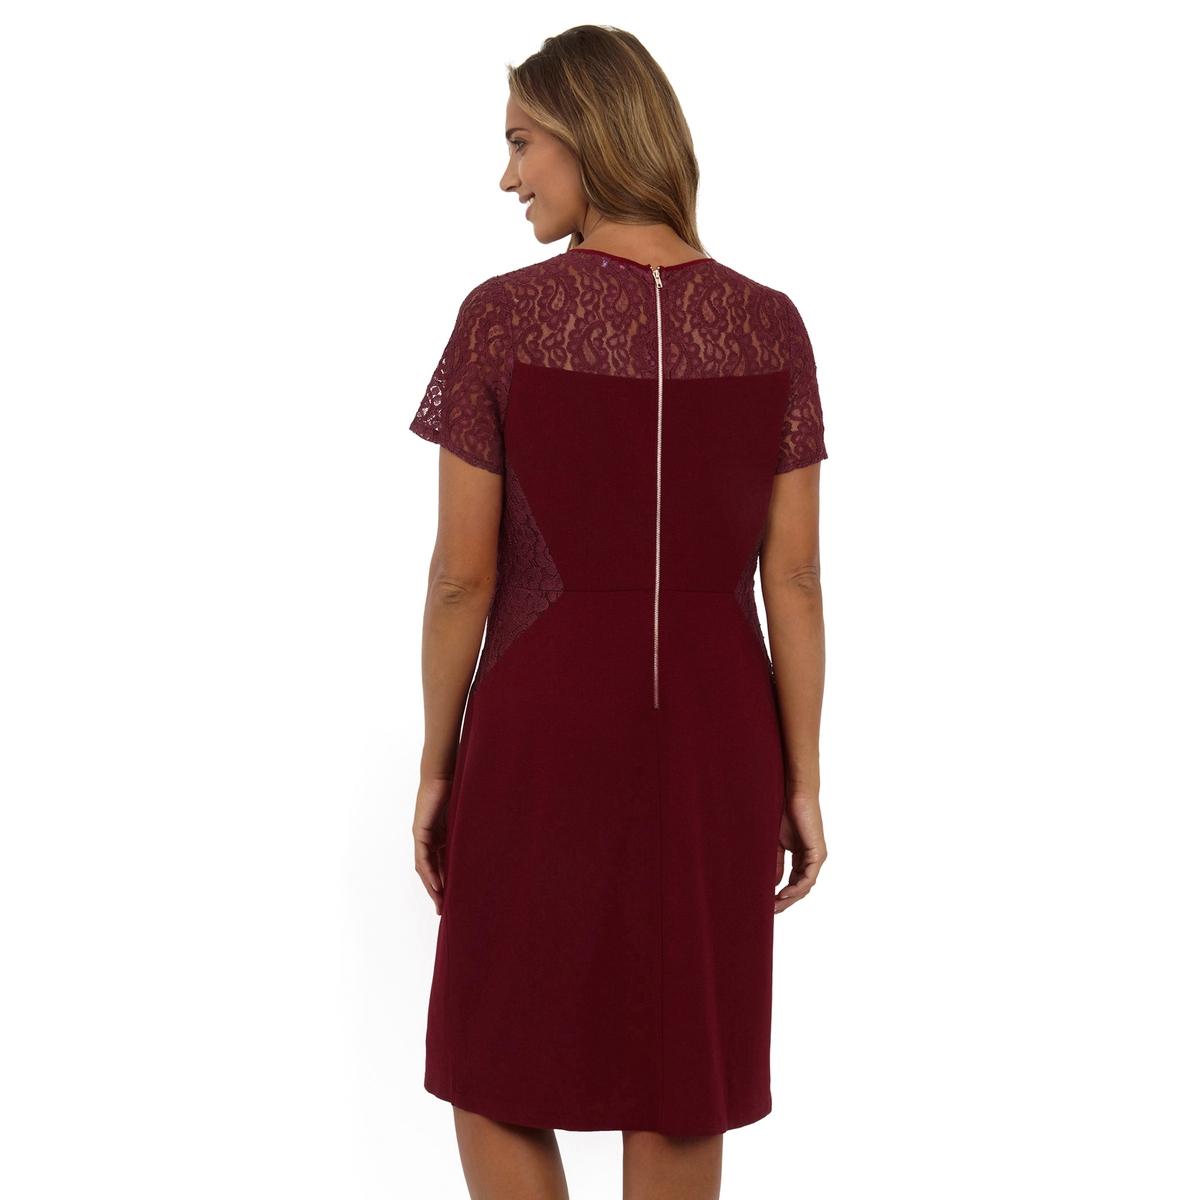 ПлатьеПлатье с короткими рукавами - LOVEDROBE. Симпатичное кружево в верхней части. 100% полиэстер. Длина ок.104 см<br><br>Цвет: бордовый